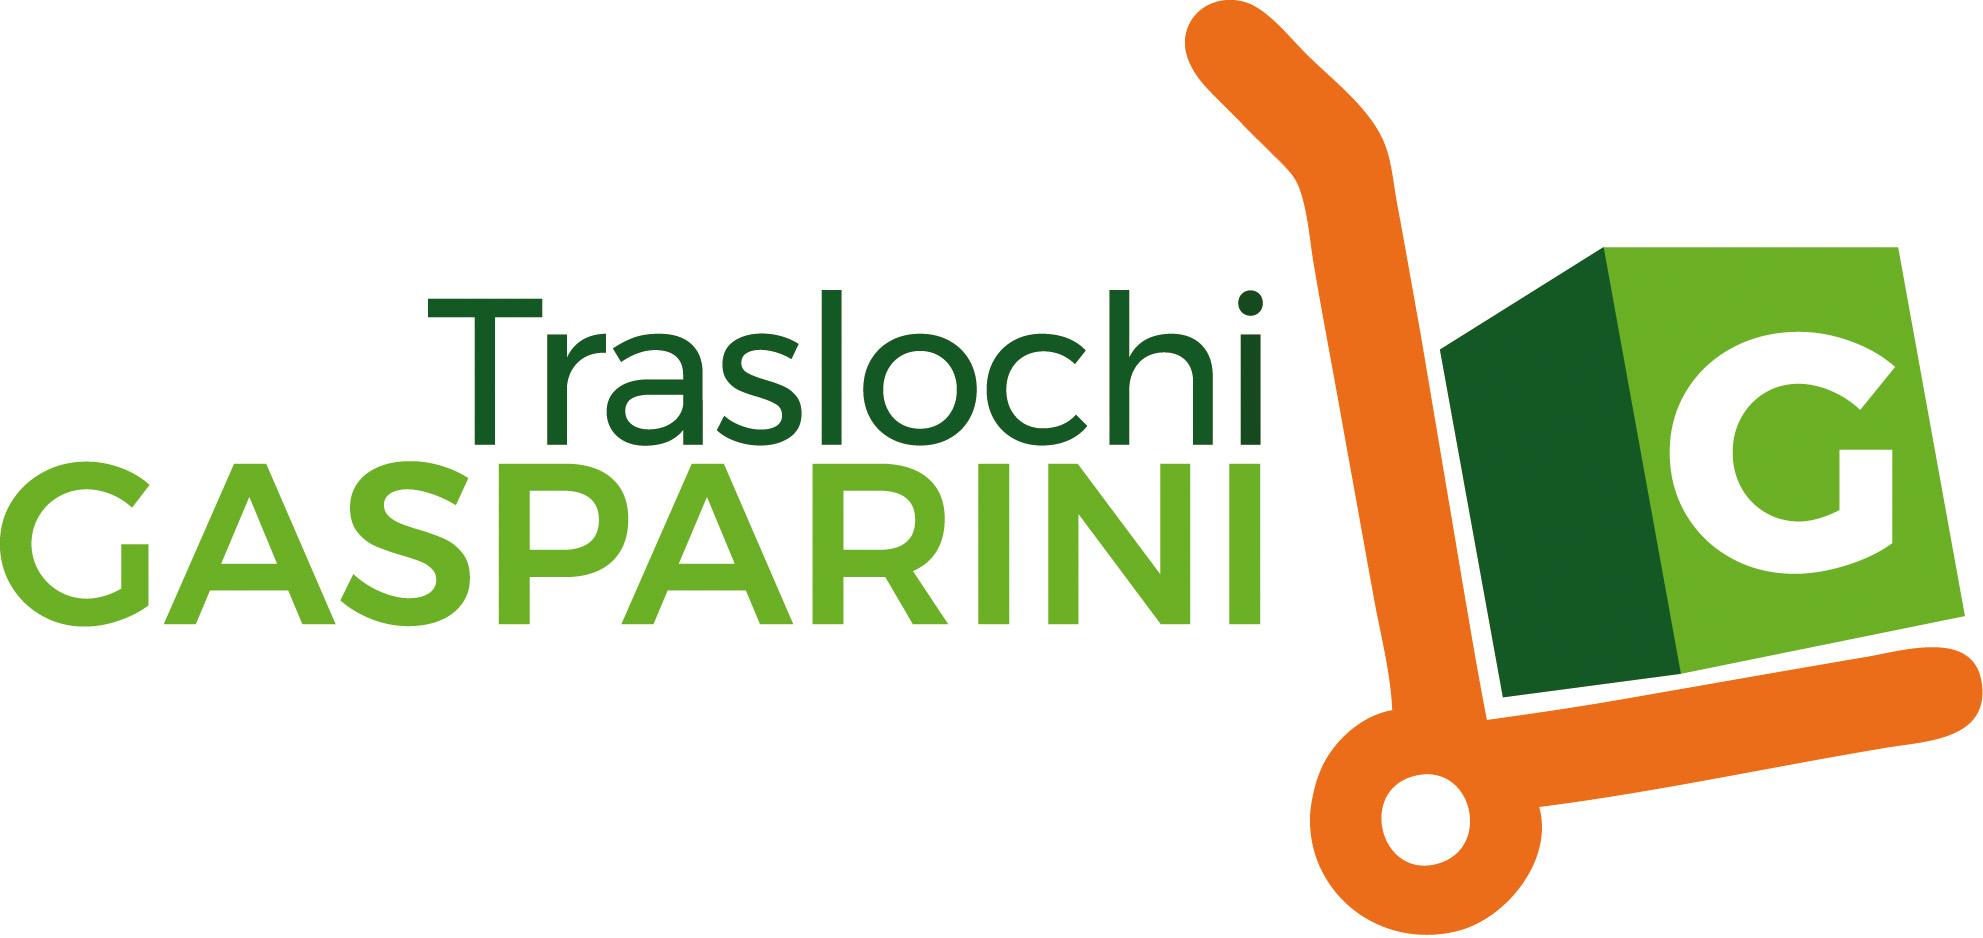 Traslochi Gasparini – Il tuo trasloco in tutta Italia e non solo: veloce, ad un prezzo concorrenziale, studiato appositamente per te!